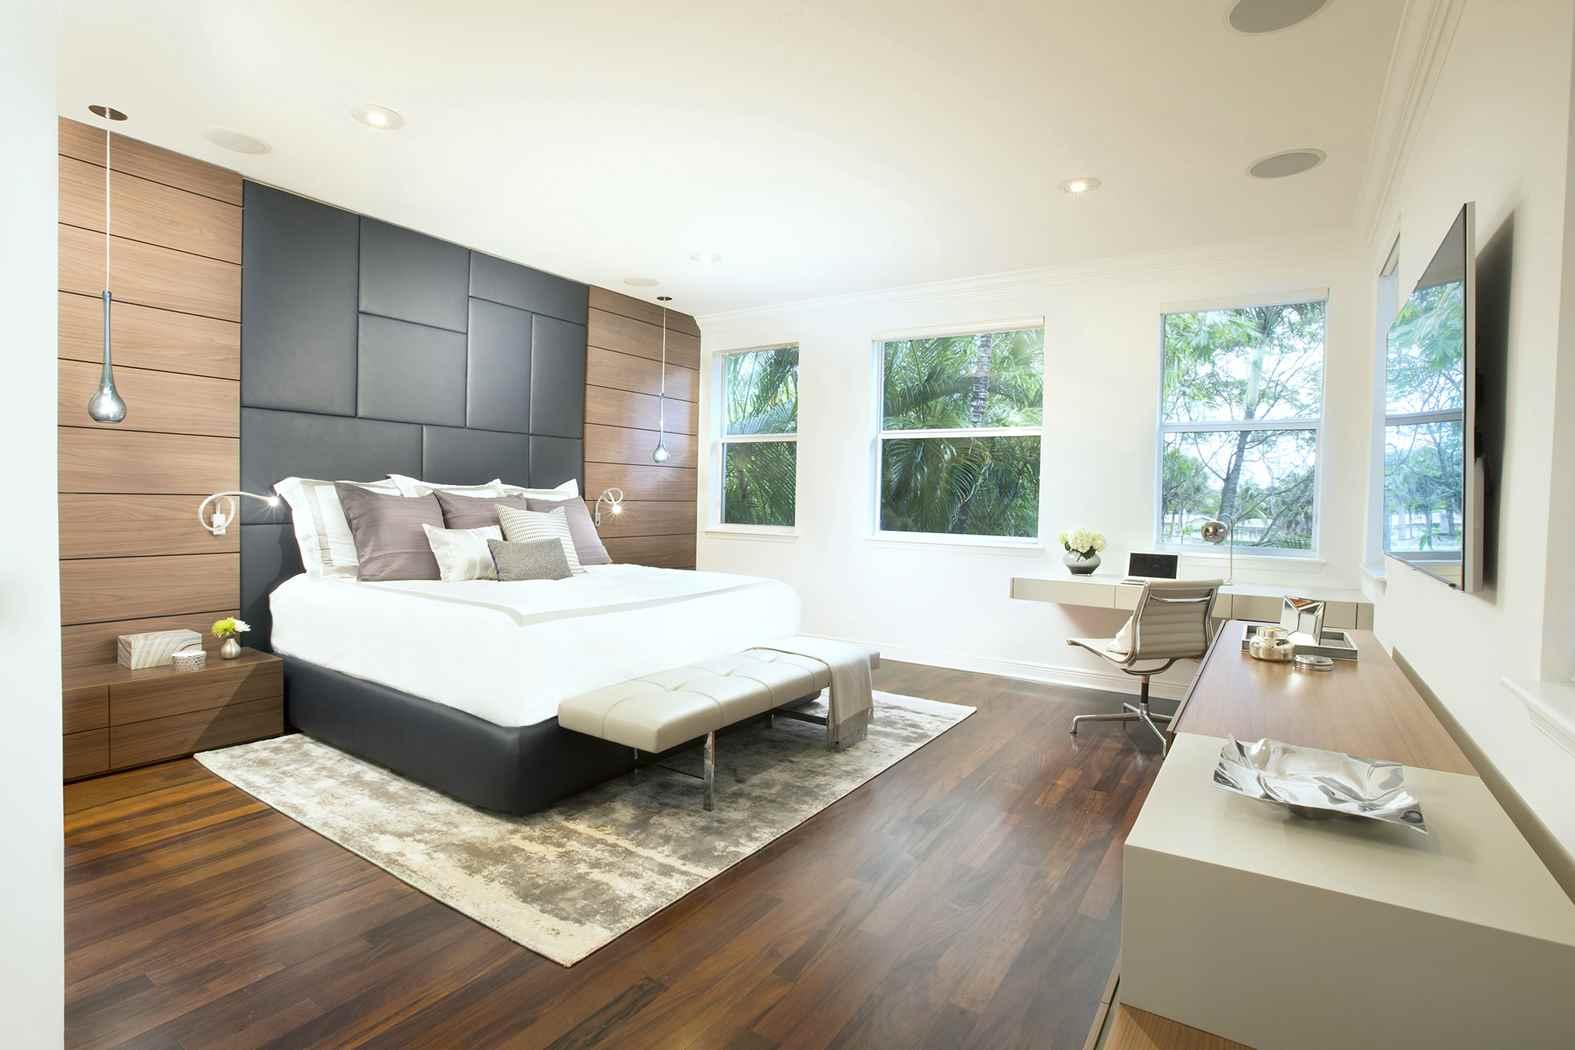 transitional bedroom miami gem modern masterbedroom residential interior headboard gray interiors decorating homeluf